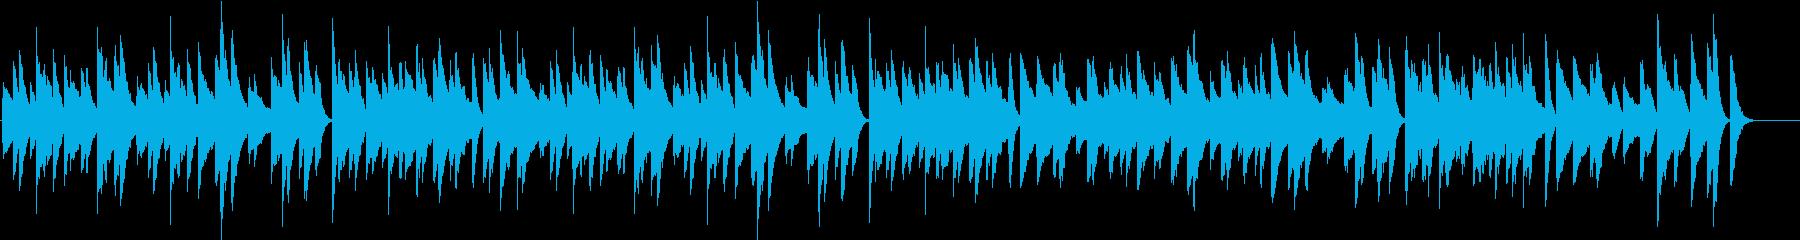 ほのぼの可愛い♪のんびりピアノBGMの再生済みの波形